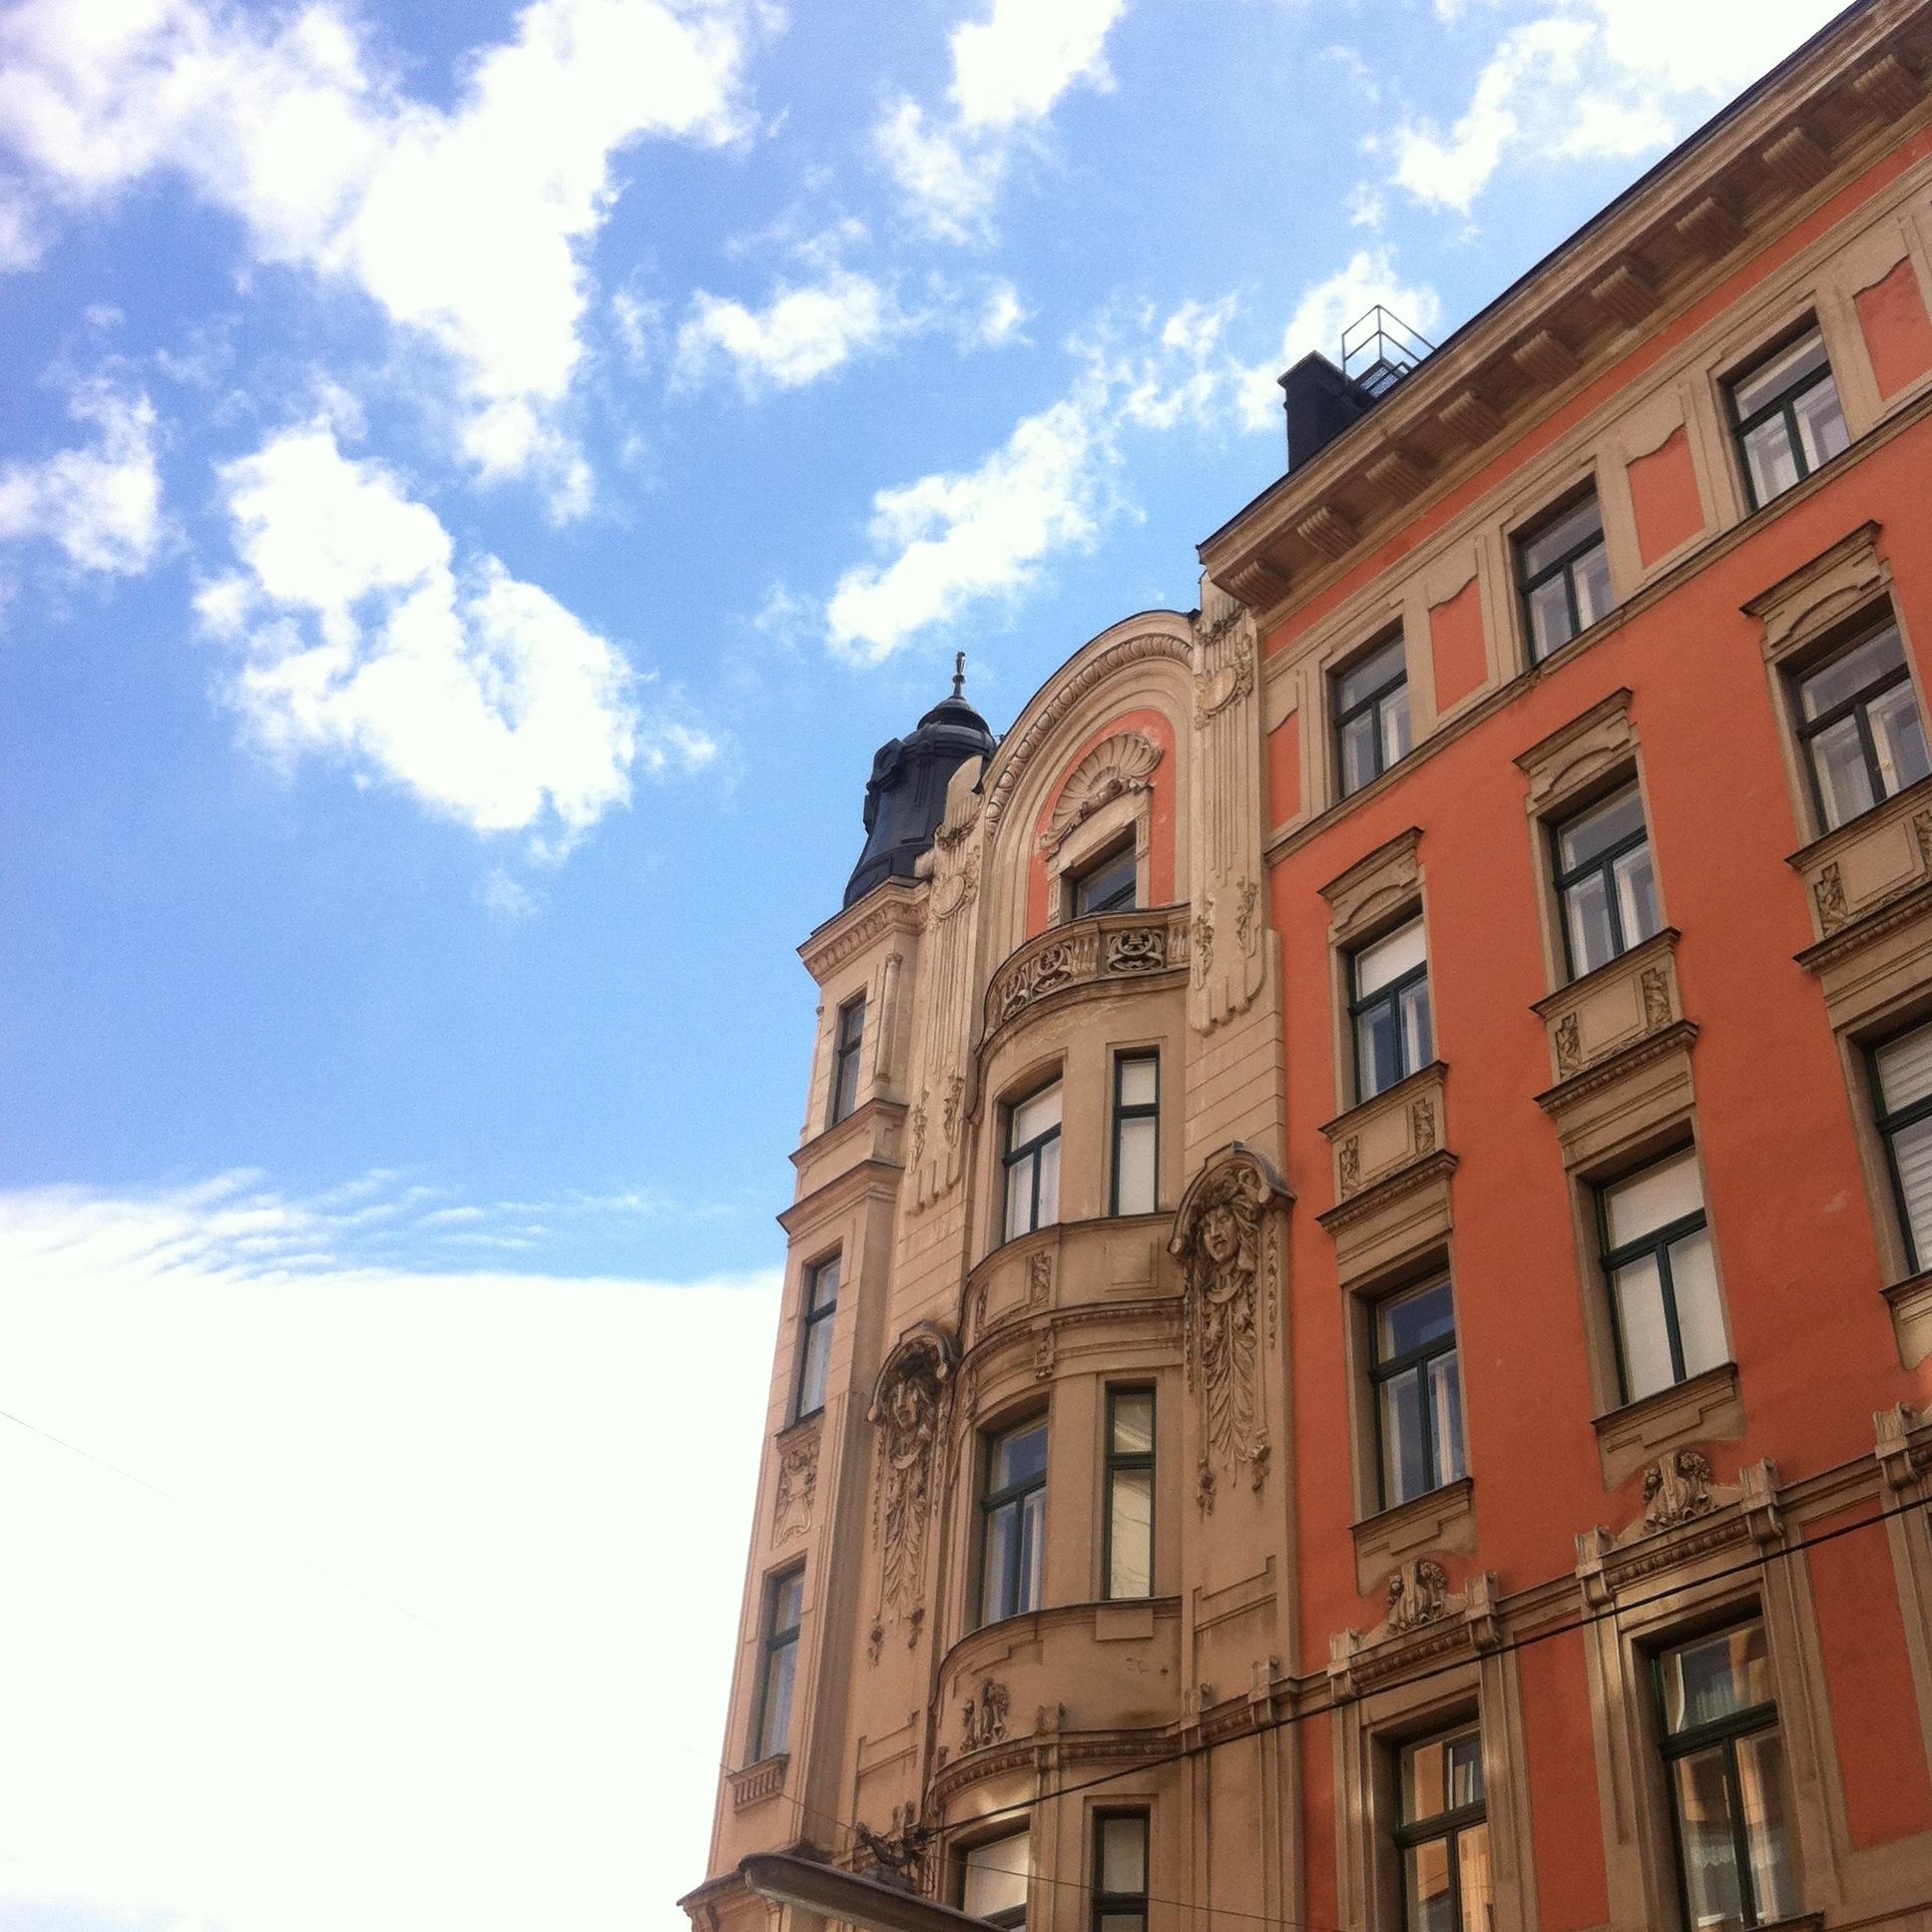 6bezirk_naschmarkt_0.jpg